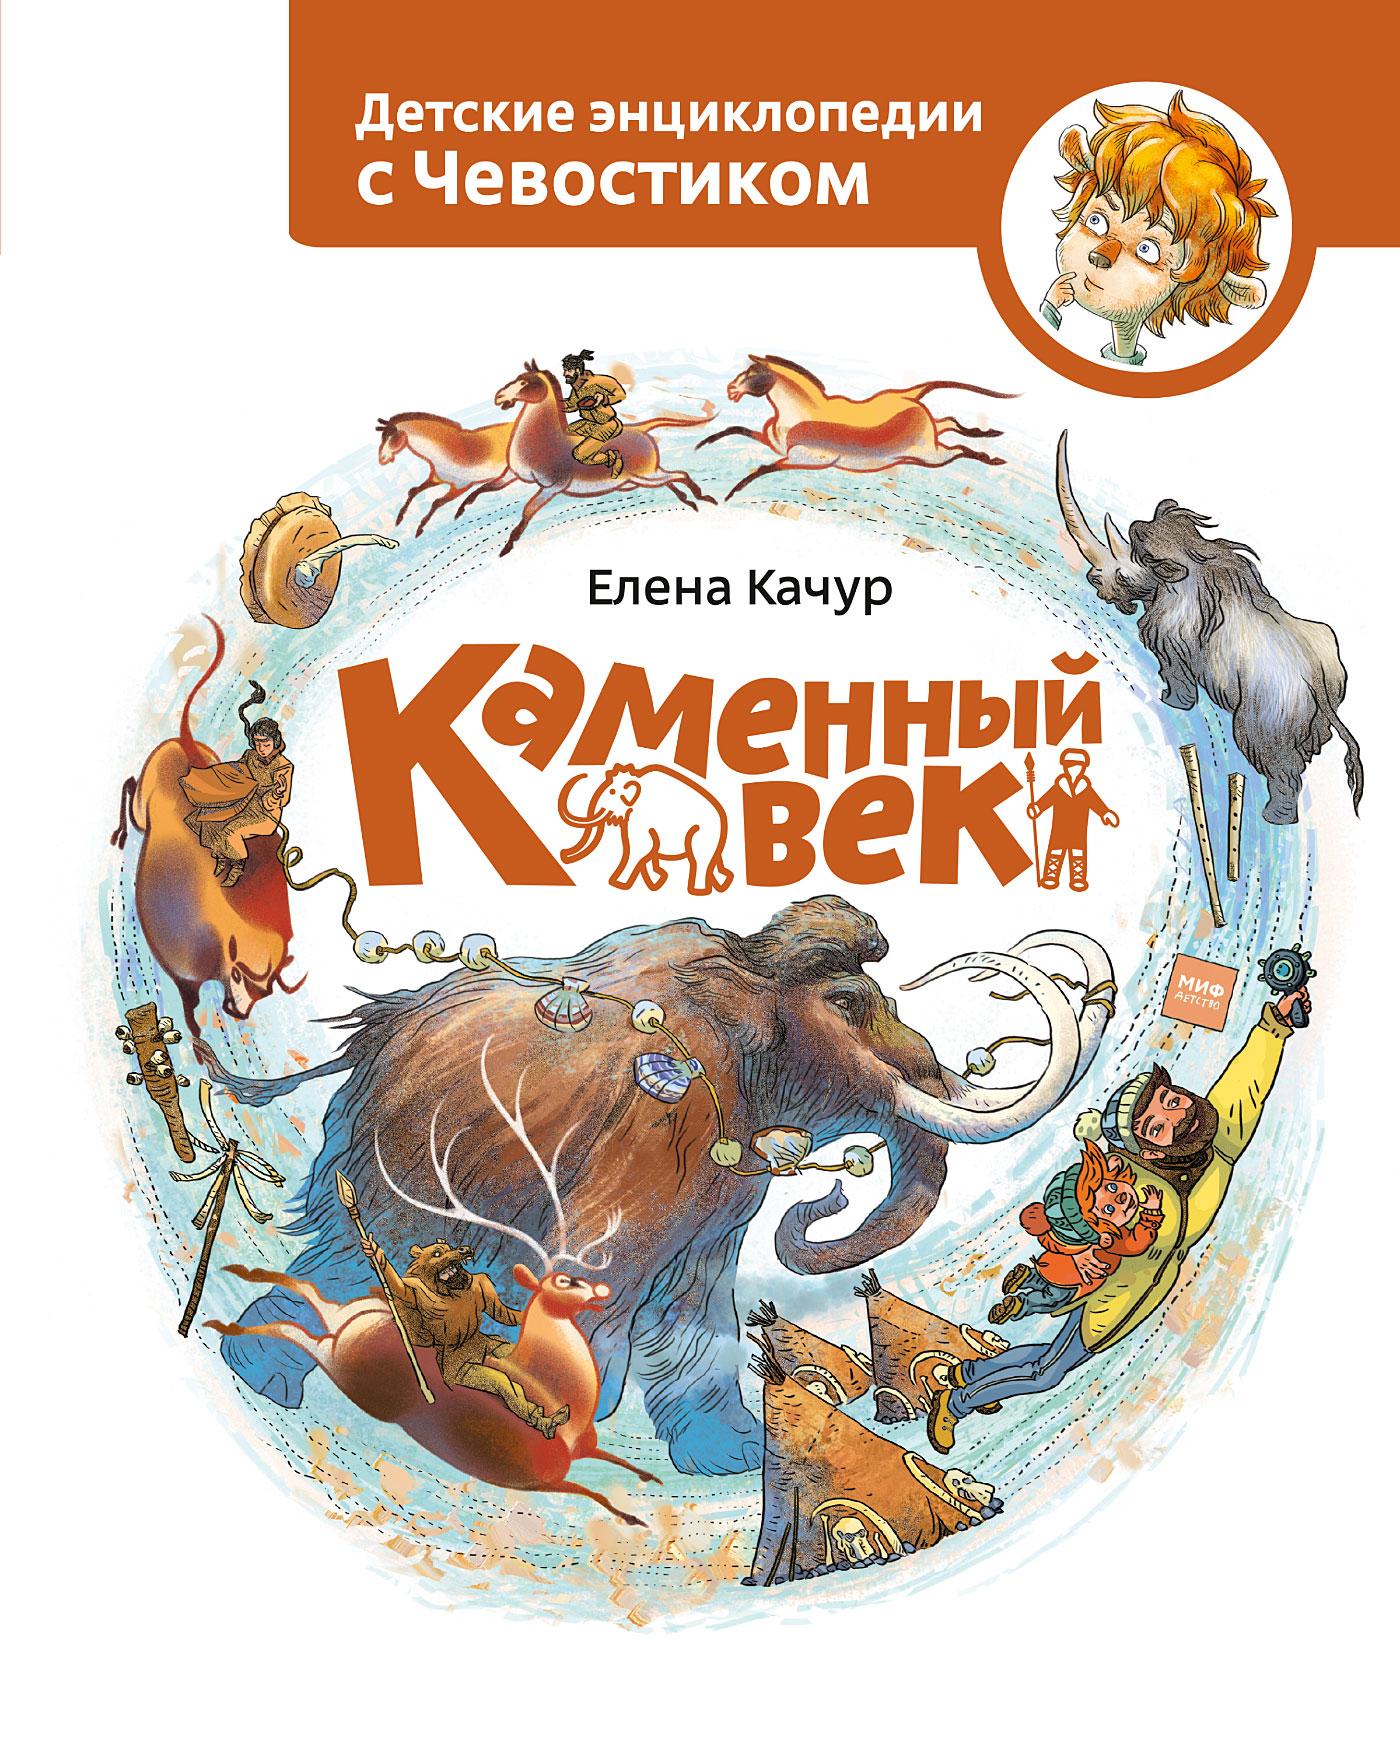 Елена Качур Каменный век елена качур как устроен человек энциклопедии с чевостиком